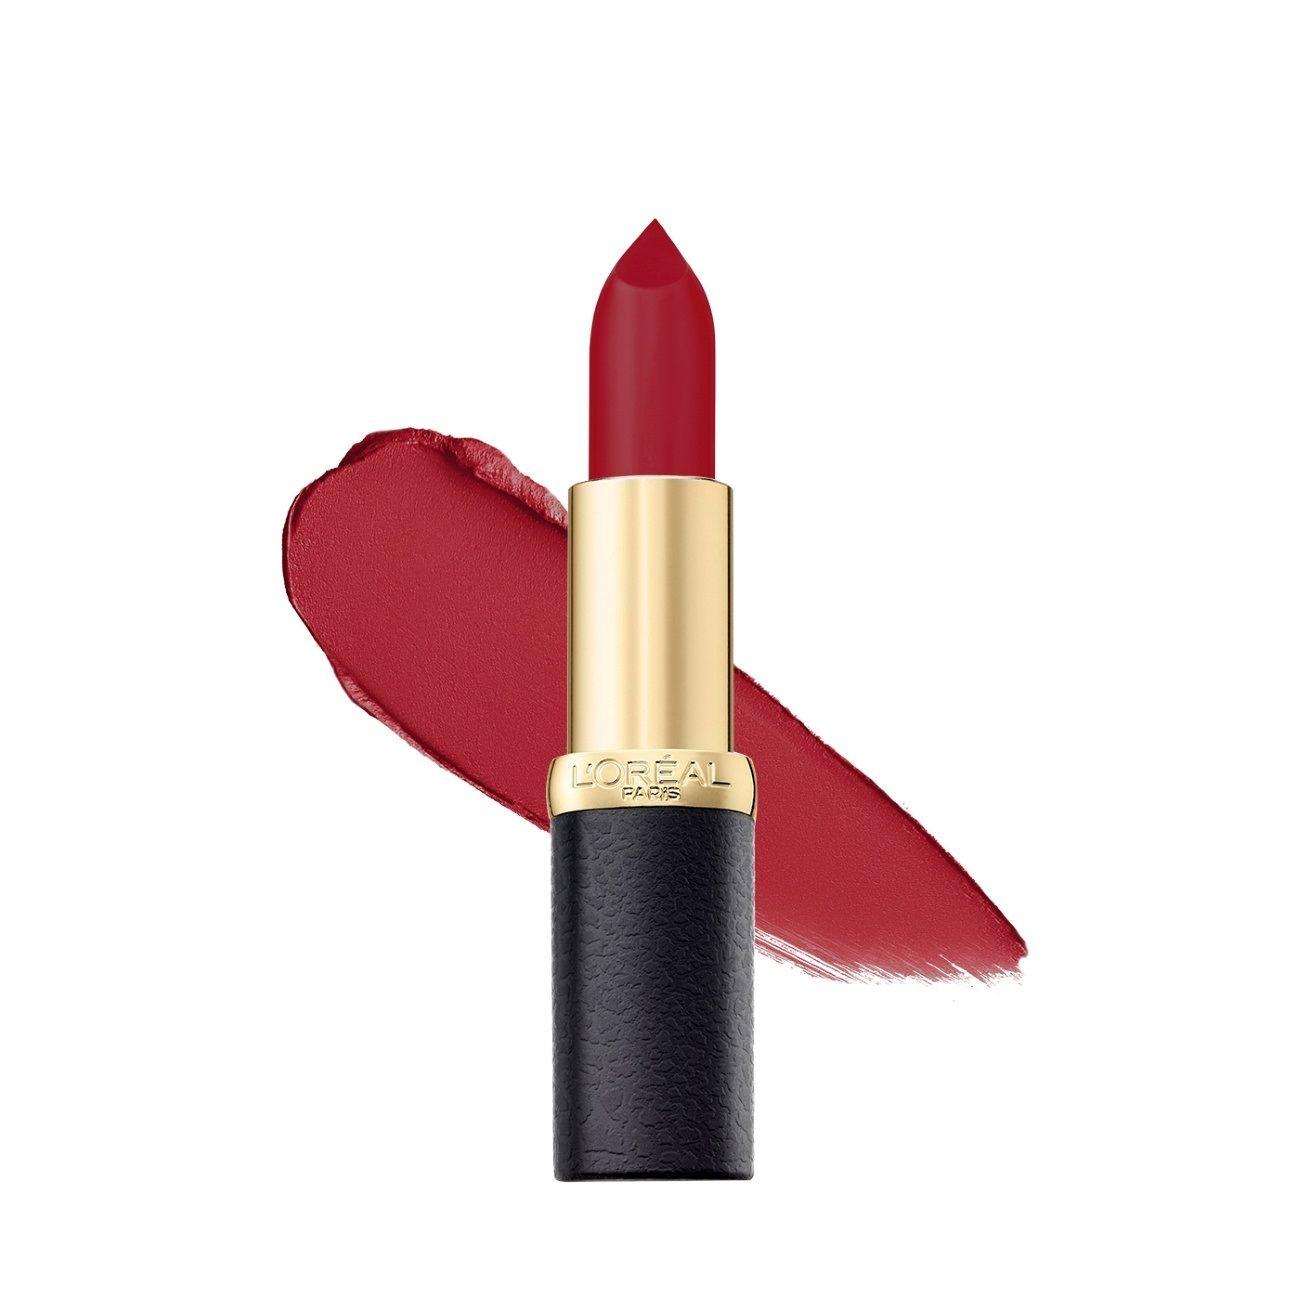 L&39;Oreal Paris Color Riche Moist Matte Lipstick - 266 Pure Rouge